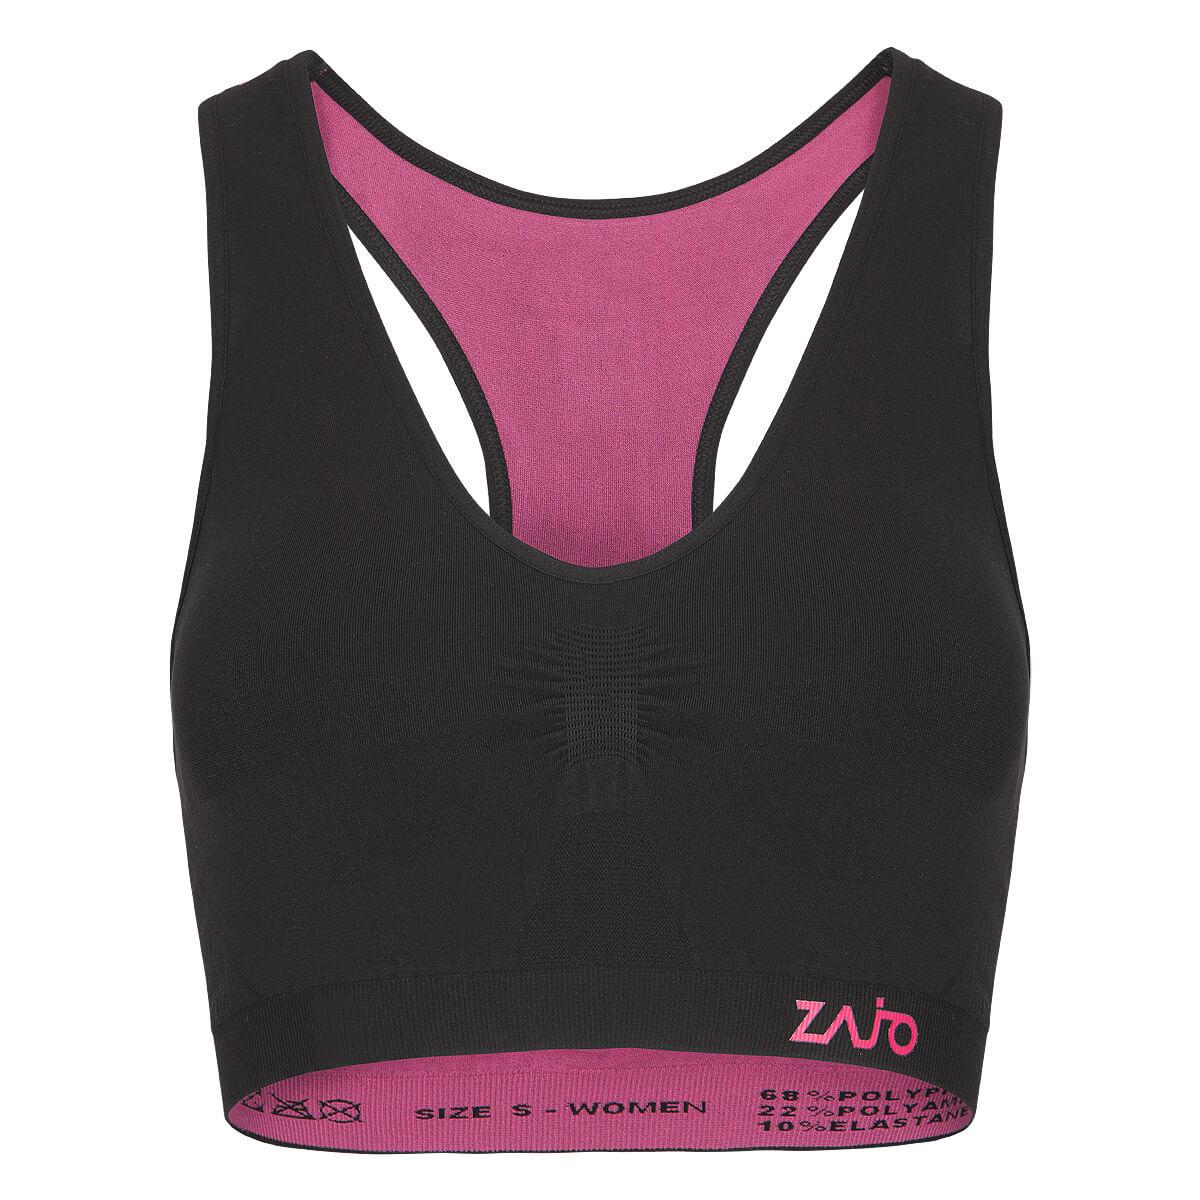 Dámska podprsenka Zajo Contour W Bra Black - veľkosť S